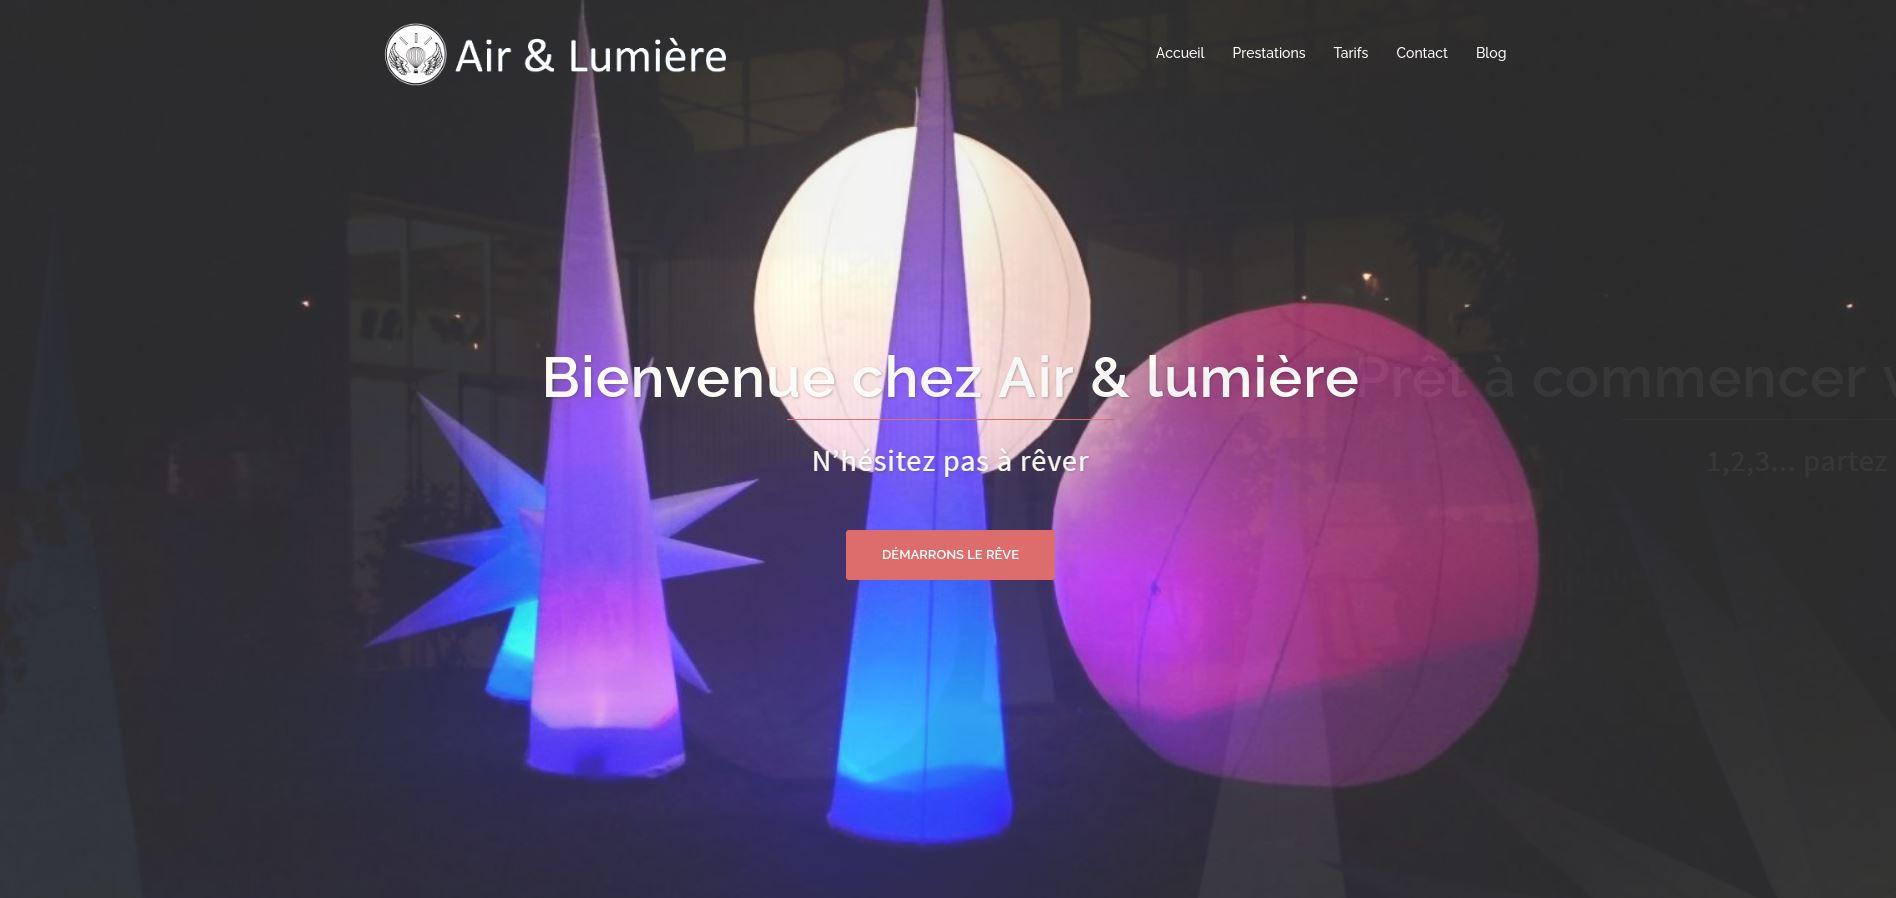 Air et Lumière, location et vente de lanternes volantes